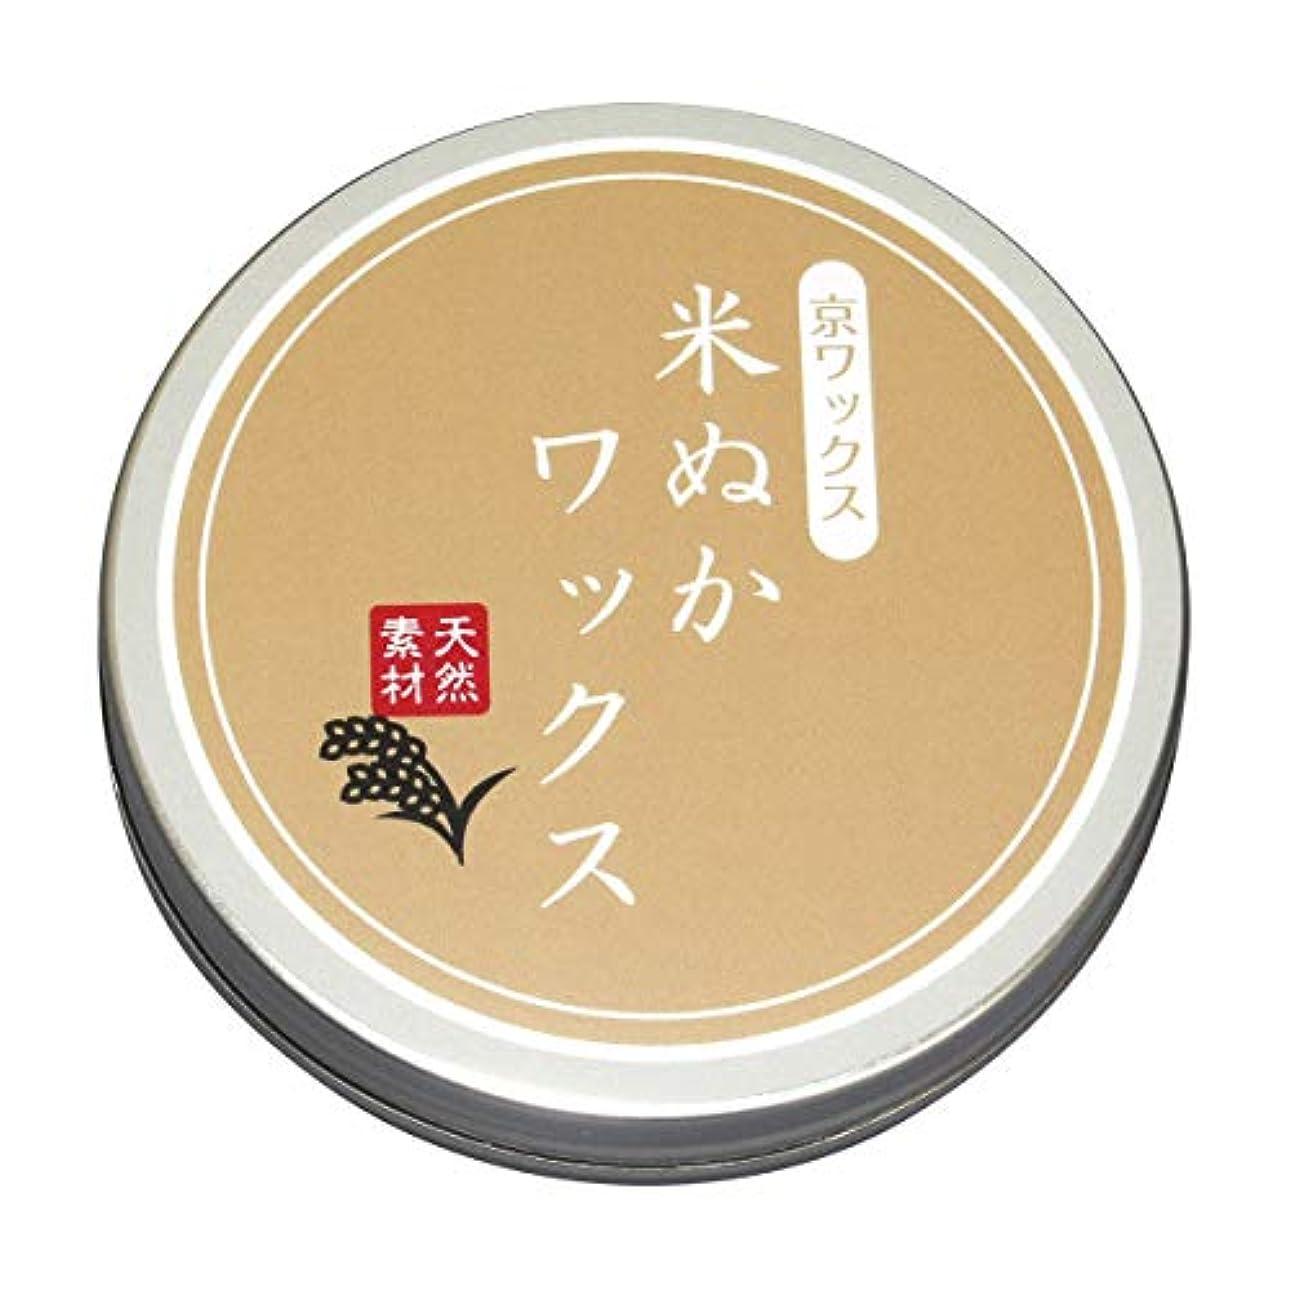 ボーダーナインへ購入杉材用ワックス 手作り 米ぬかワックス 50g 針葉樹の無垢材対応